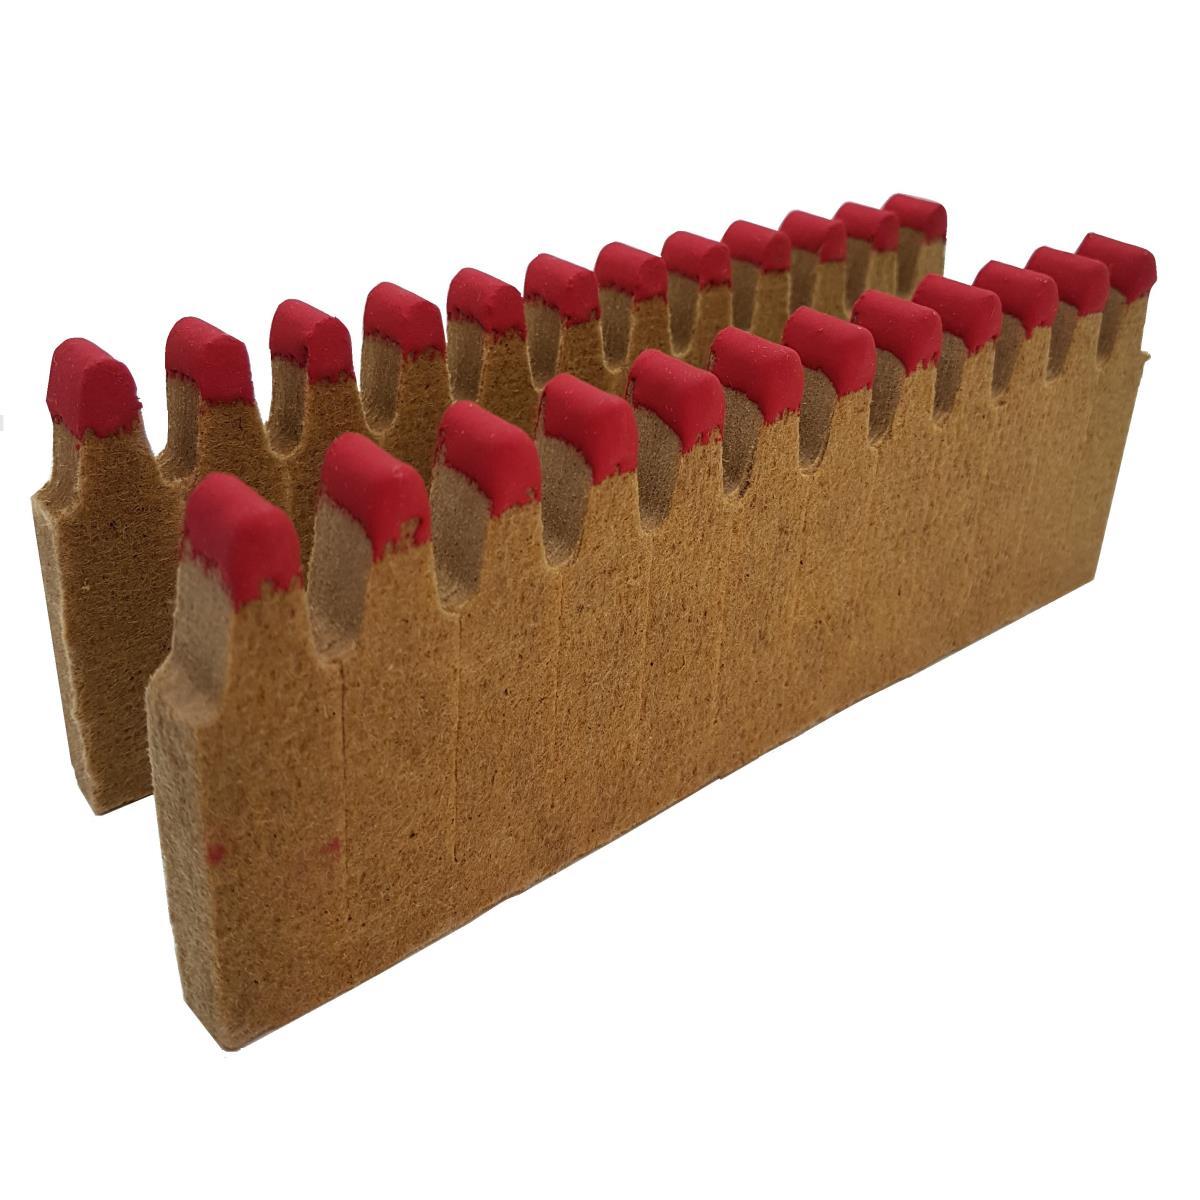 Kaminanzünder Kohleanzünder Holzanzünder Grillanzünder Ofenanzünder Kaminholz ,K M,0000276, 4004753902761